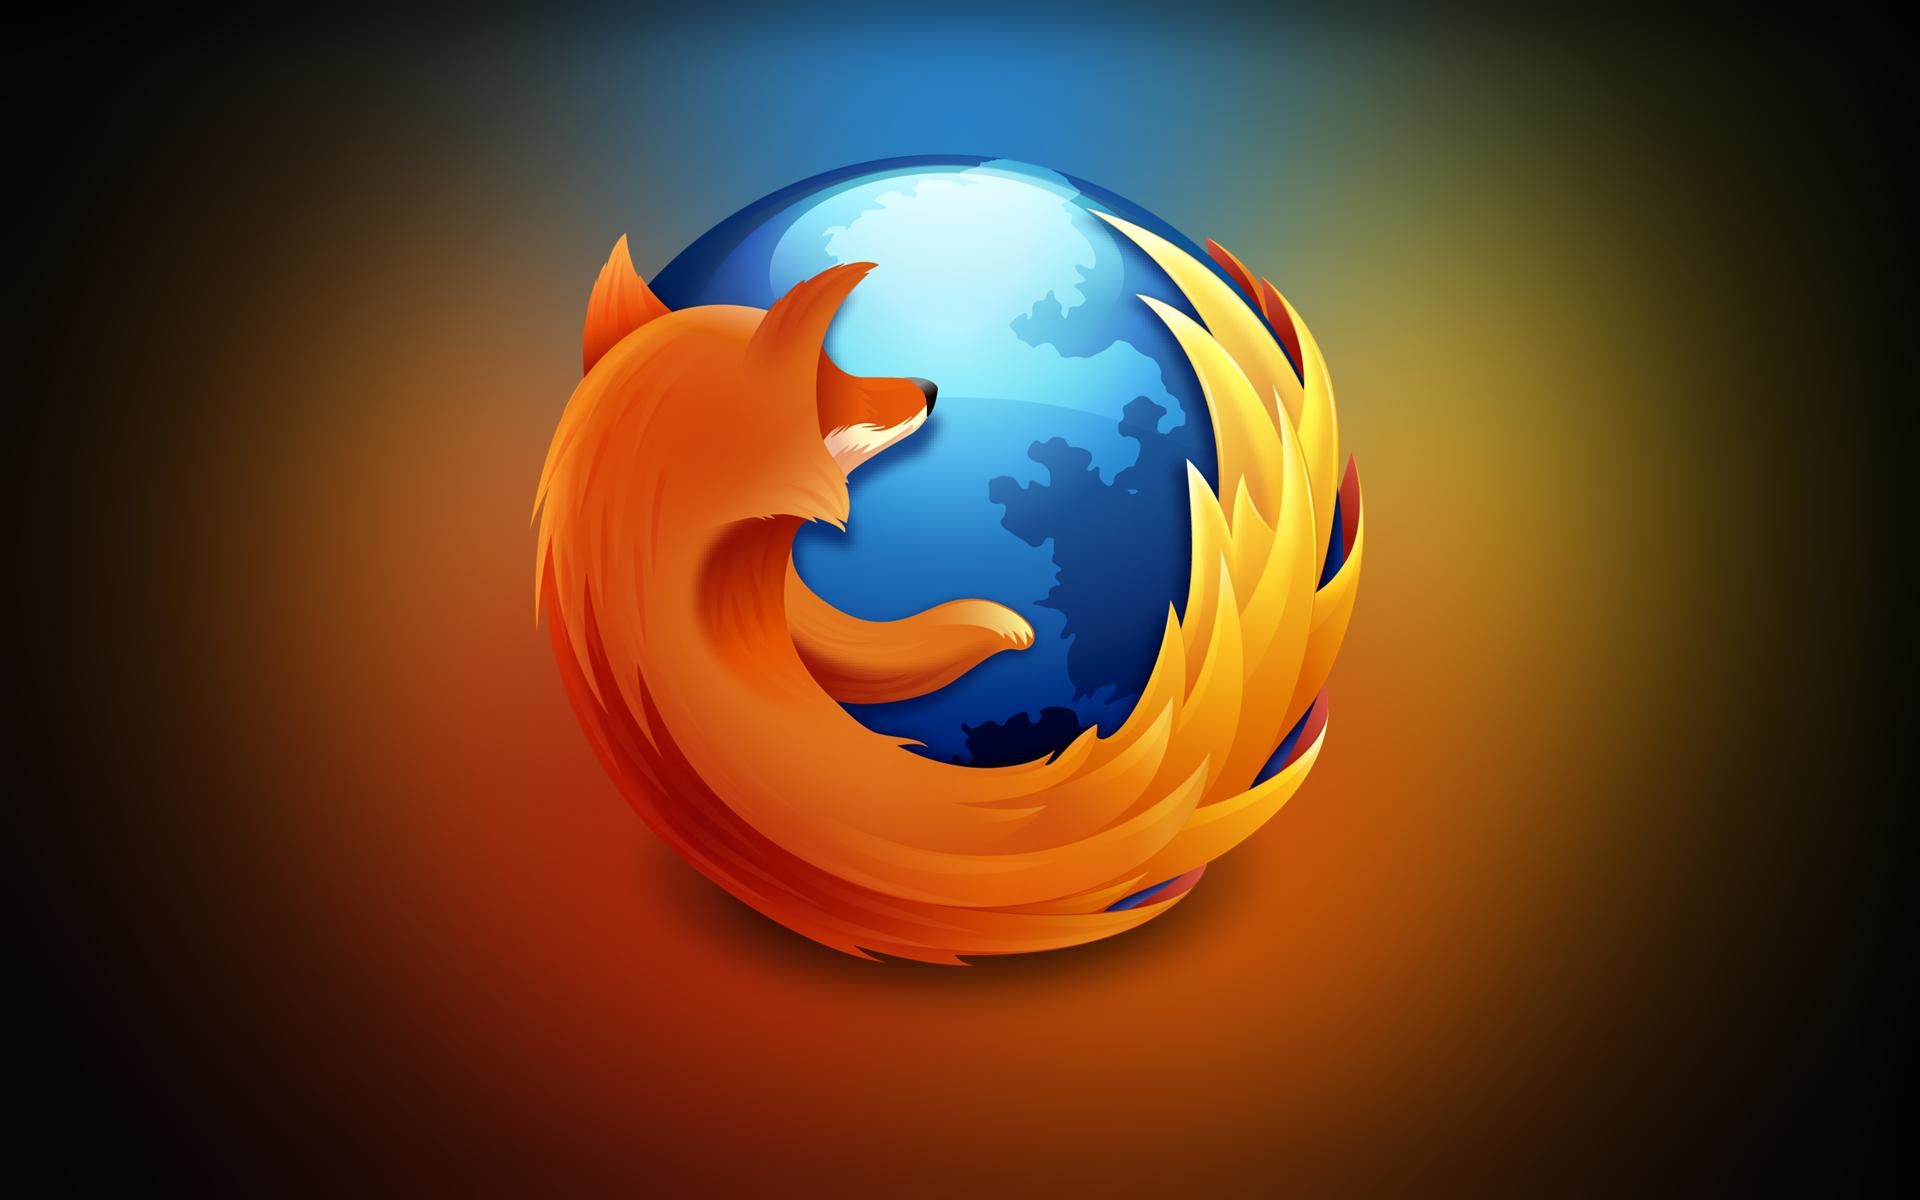 Mozilla-ն այսուհետ հասանելի կլինի նաև iOS սարքերում